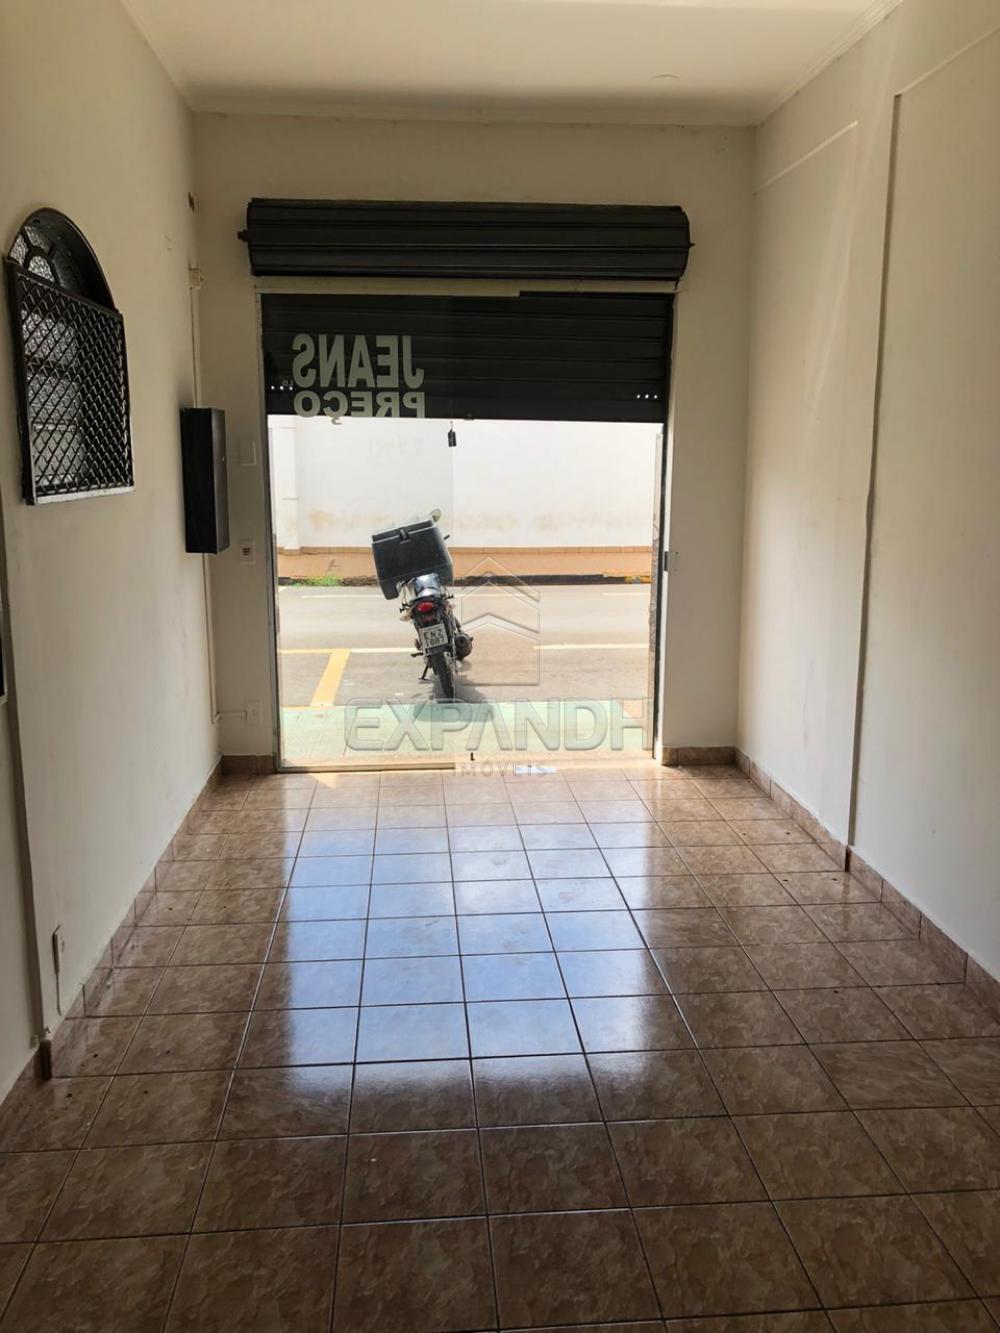 Alugar Comerciais / Salão em Sertãozinho R$ 1.000,00 - Foto 3